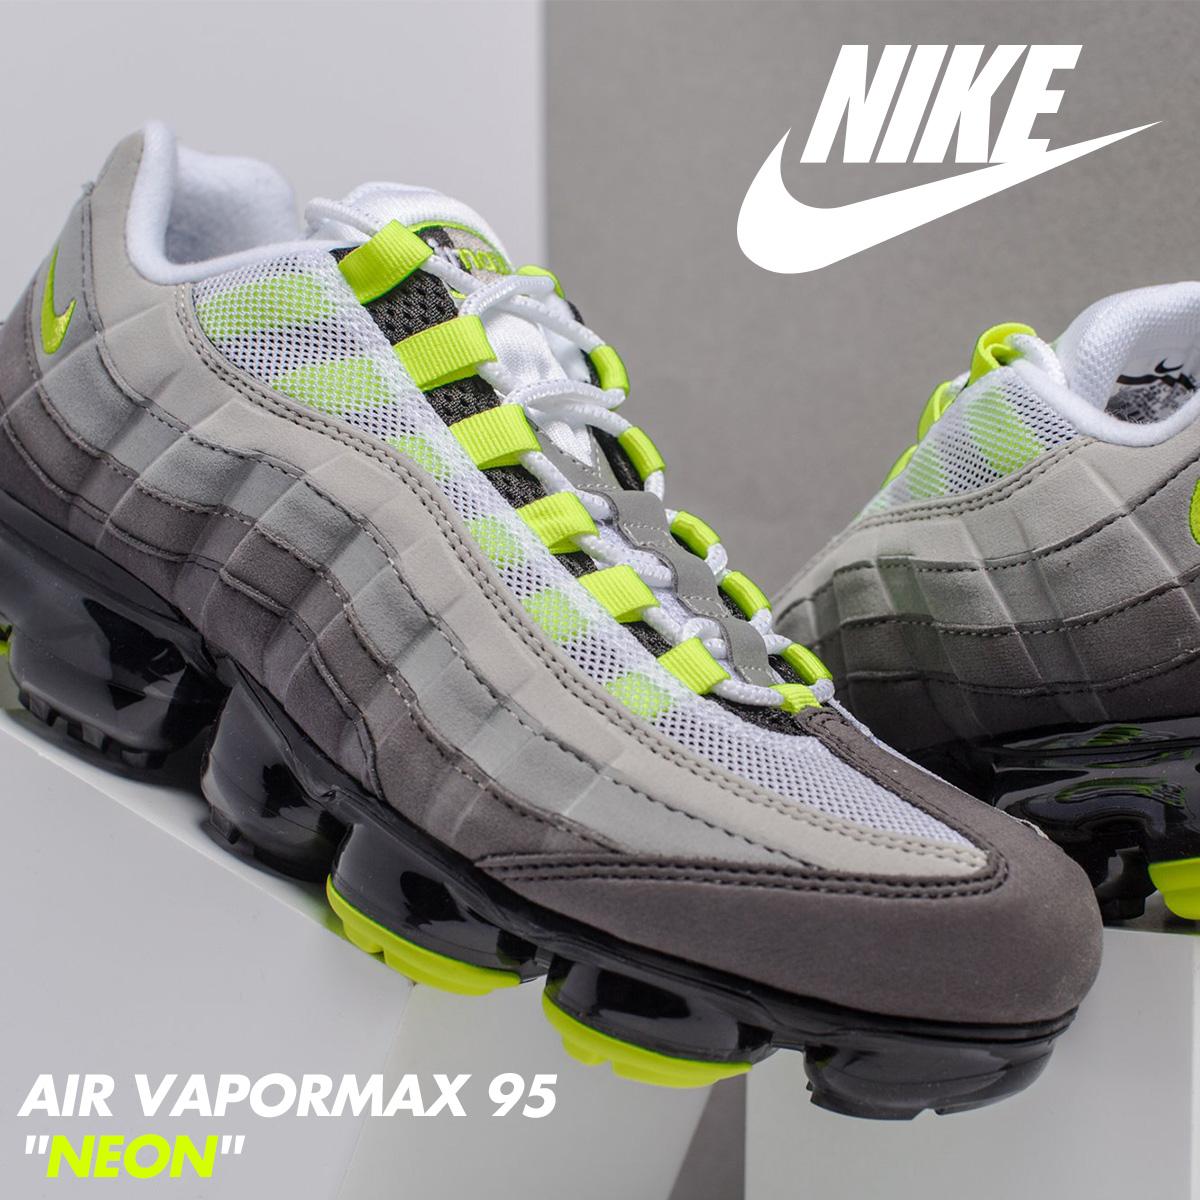 save off e4e1e 3fb31 NIKE Nike air vapor max 95 sneakers men AIR VAPORMAX 95 NEON AJ7292-001  neon yellow [the 9/6 additional arrival]